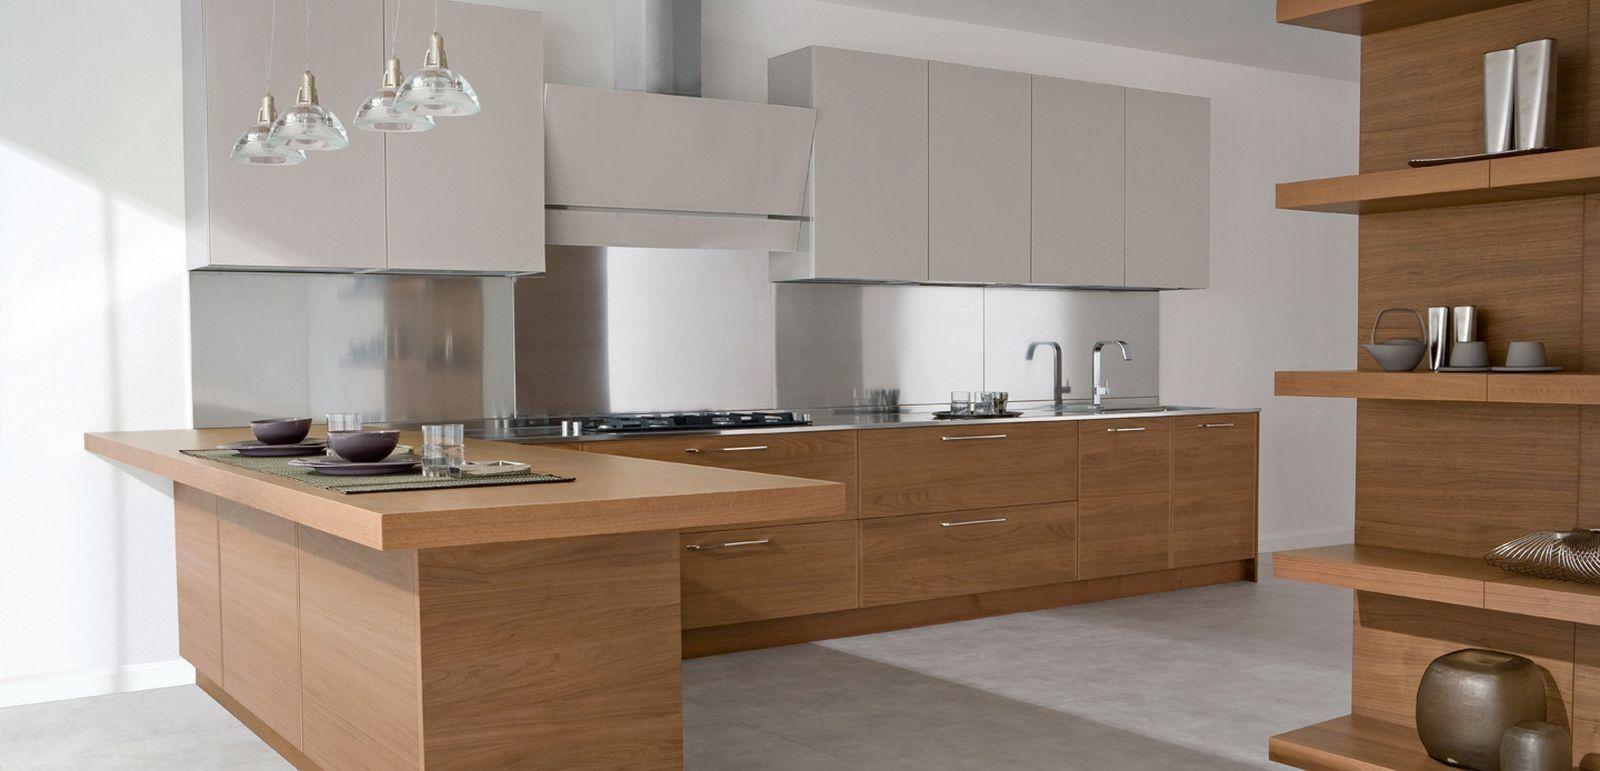 Cocina | cocina | Pinterest | Muebles de cocina modernos, Muebles de ...